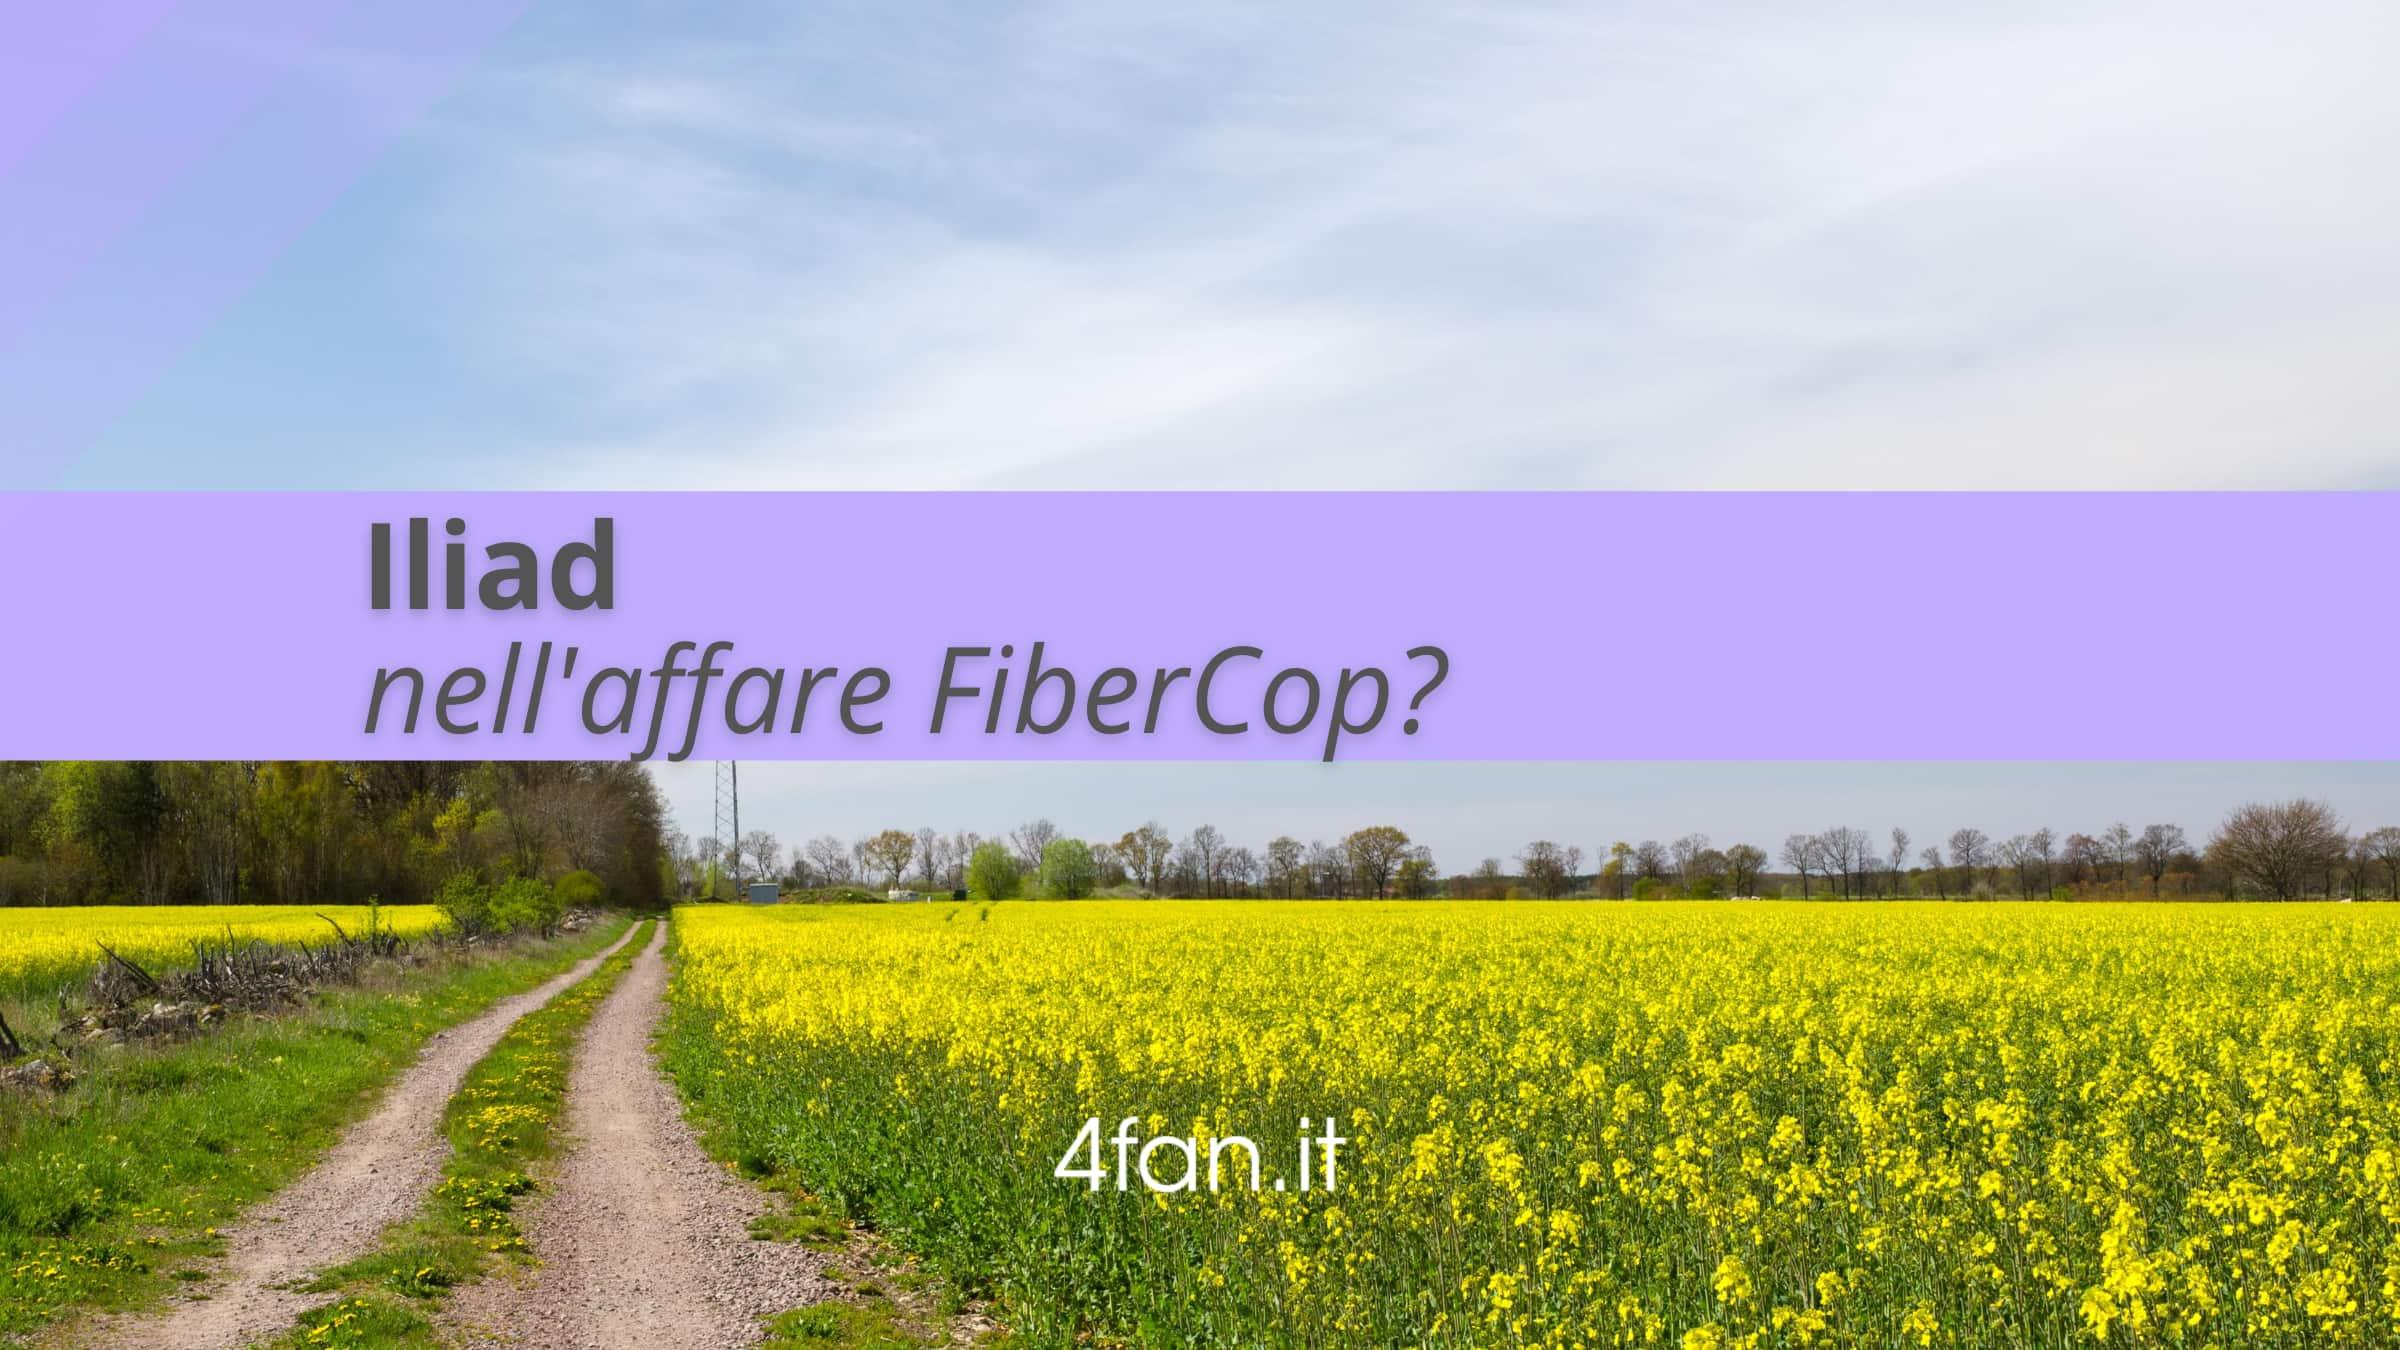 Iliad nell'affare FiberCop